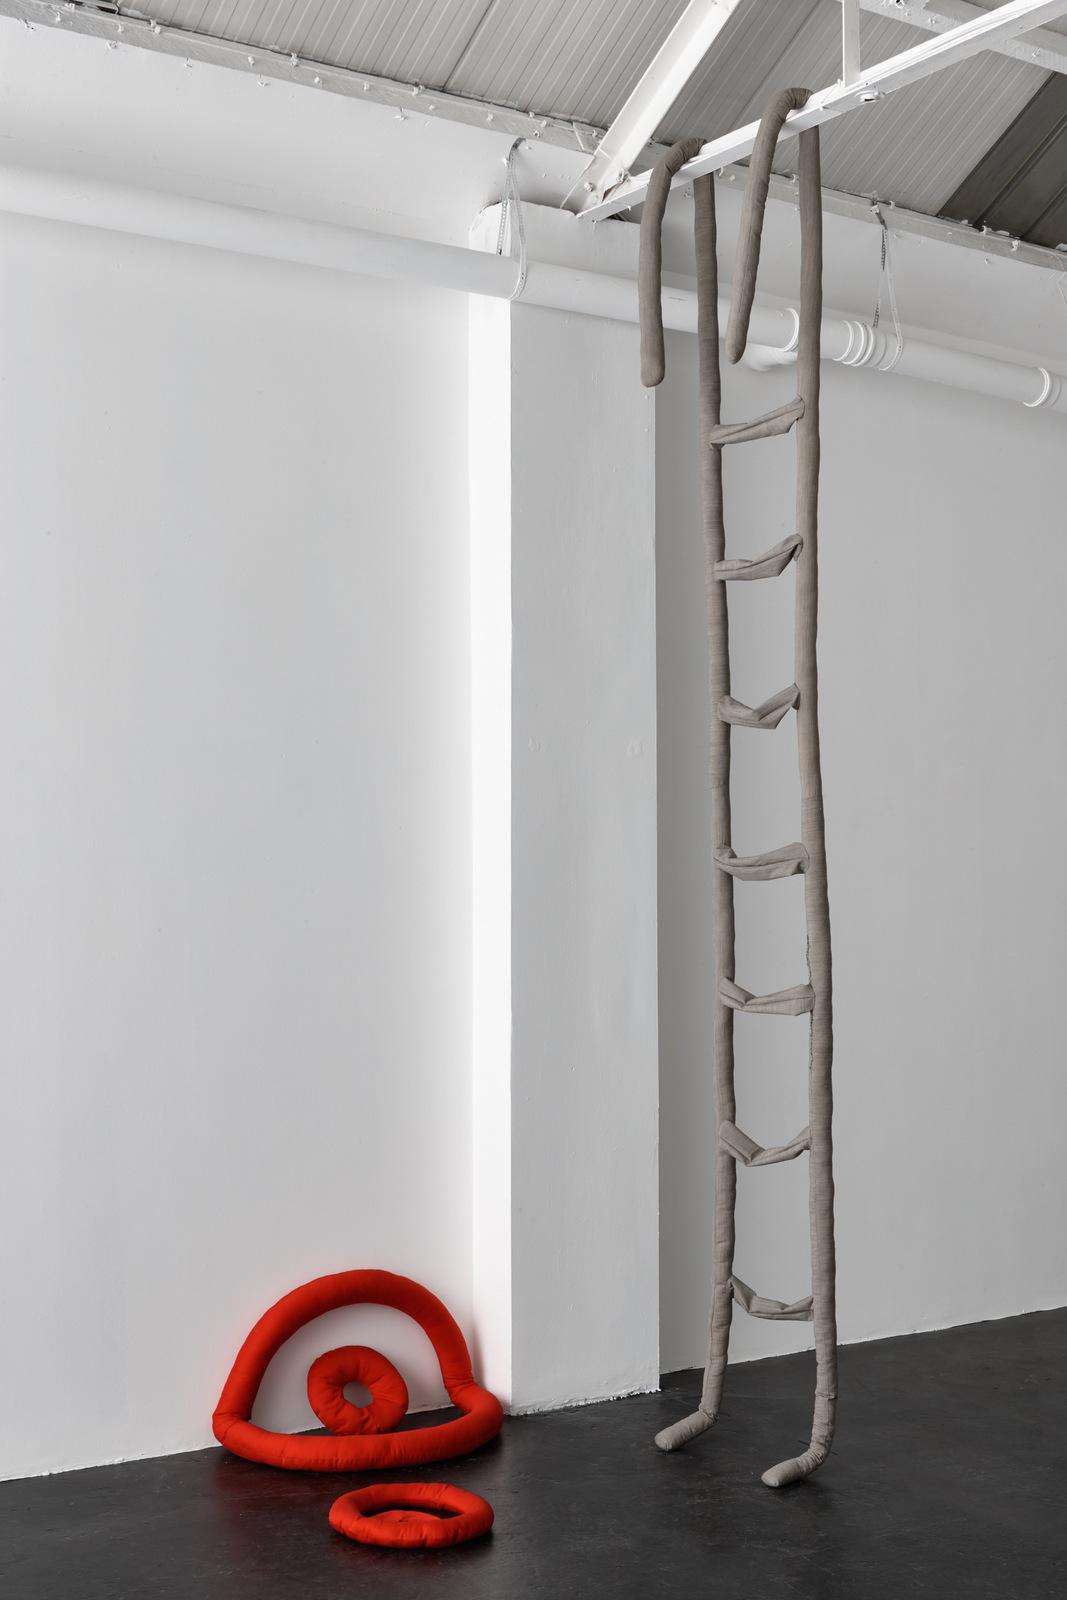 Anina Troesch - Ladder 1, 2014